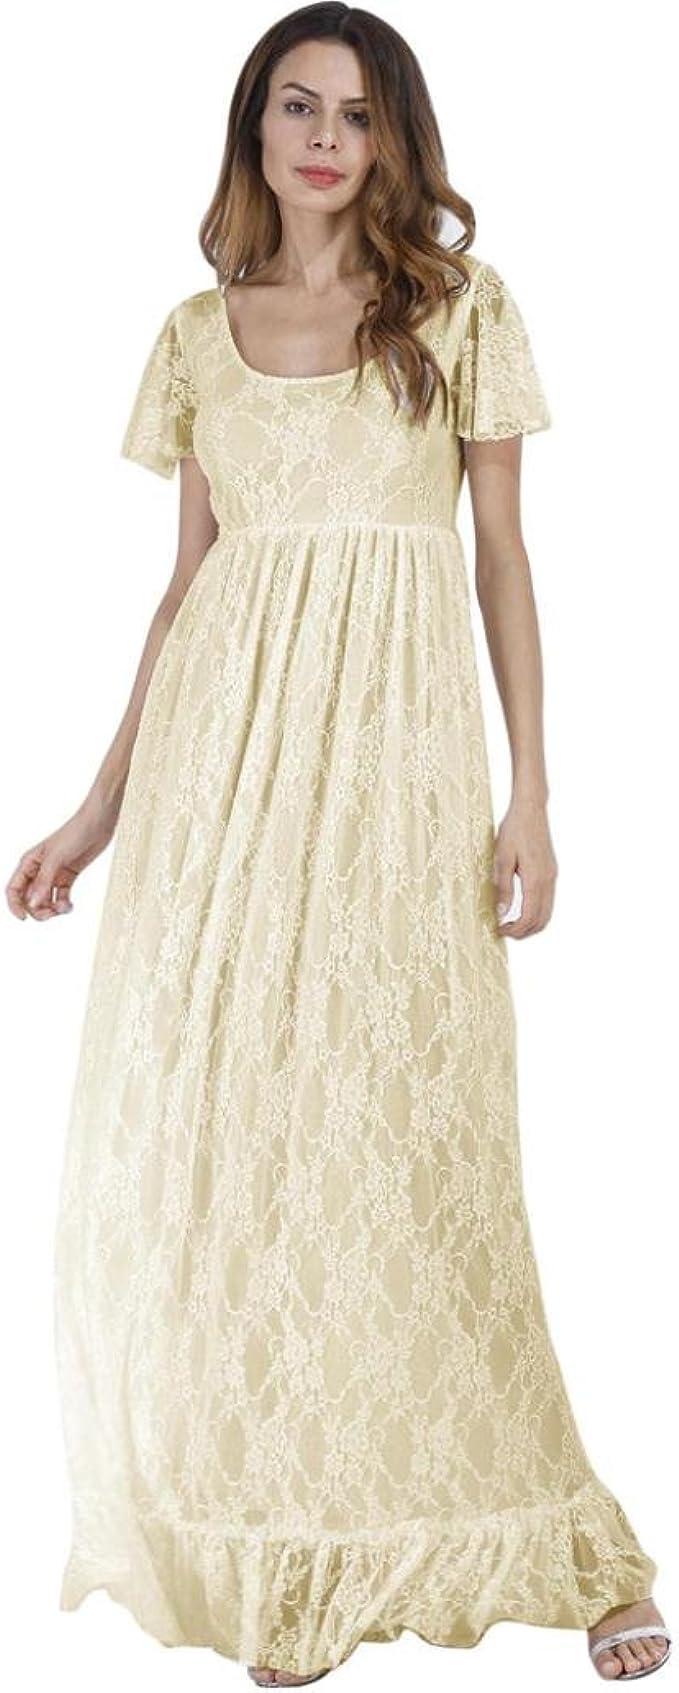 Amlaiworld Vintage Luxuriös Spitze cocktailkleid Damen Frühling Sommer  Strickkleid Mode lang Kleid elegant künstlerische Fotos Abendkleider  Schwangere